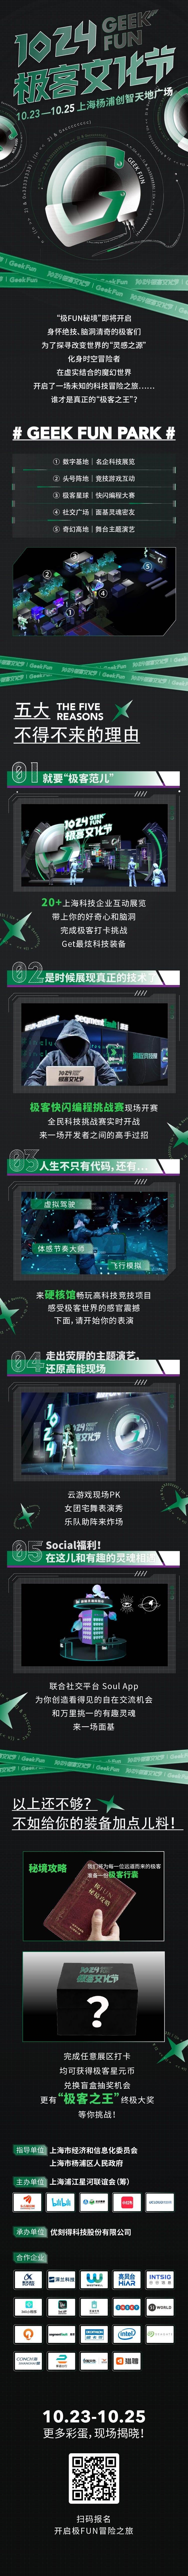 极客文化节活动行长图10-13_画板 1.png